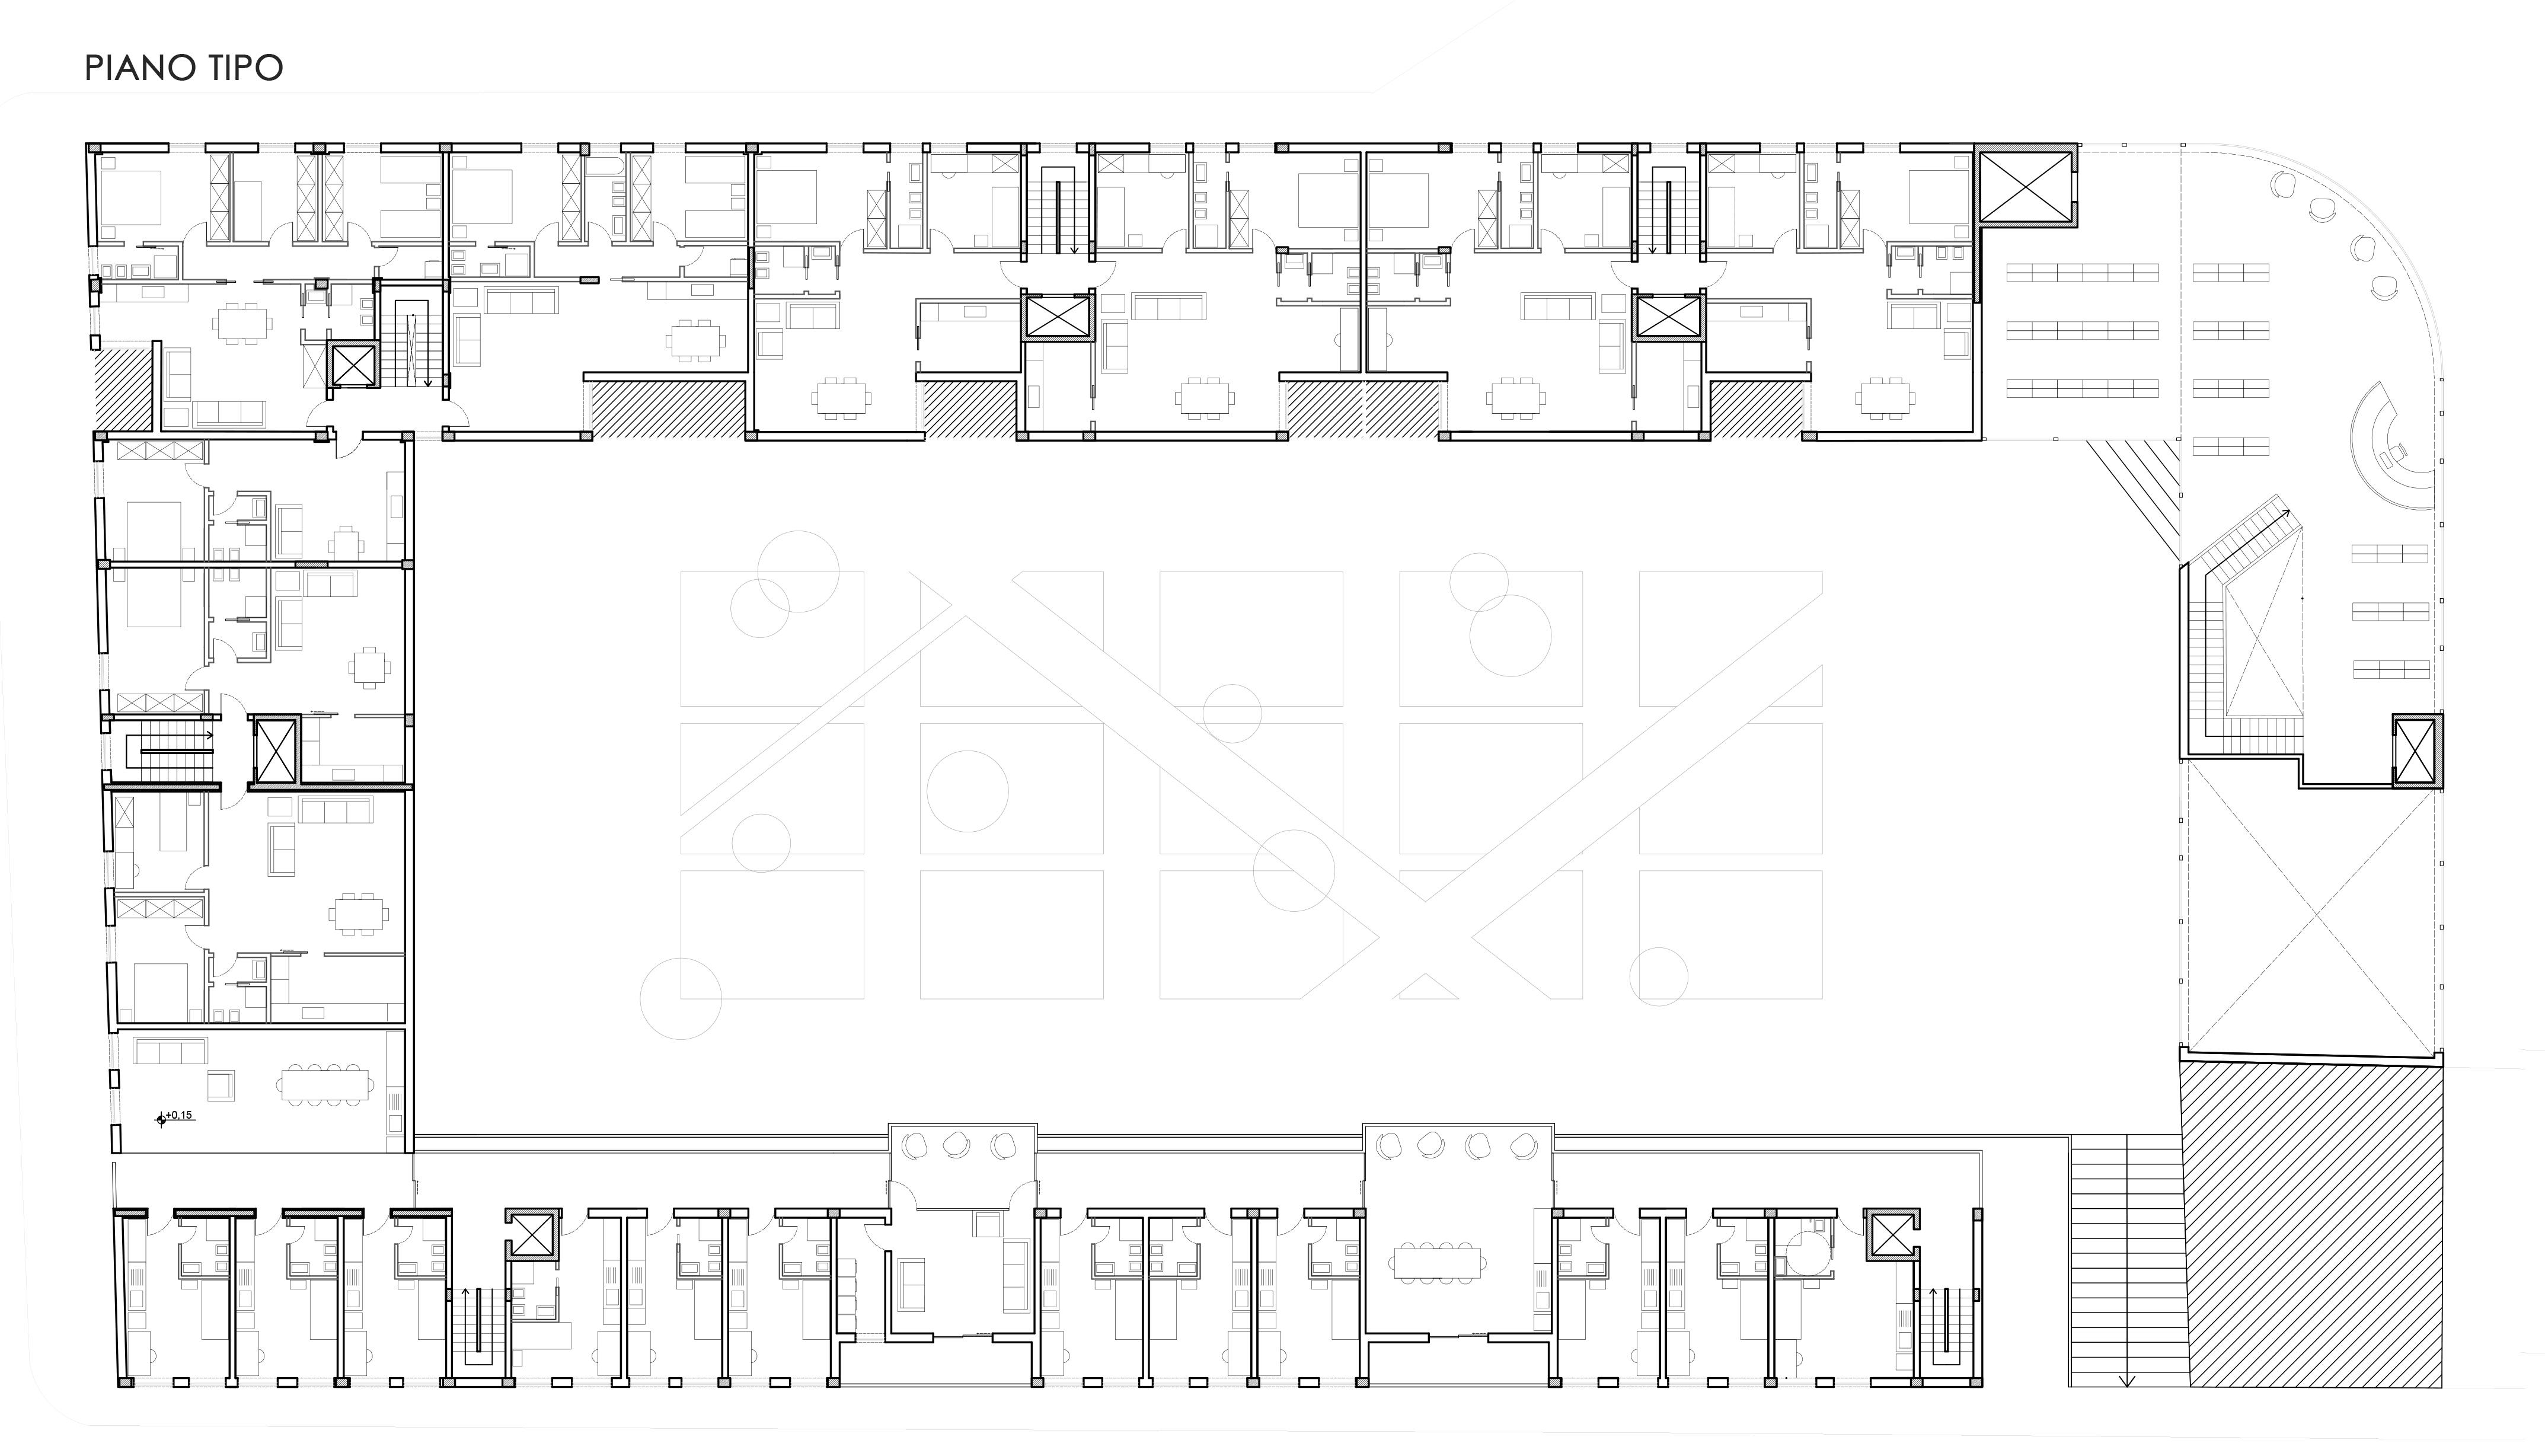 Progetto di de rose di fiore laboratorio di for Piano di progettazione di edifici commerciali